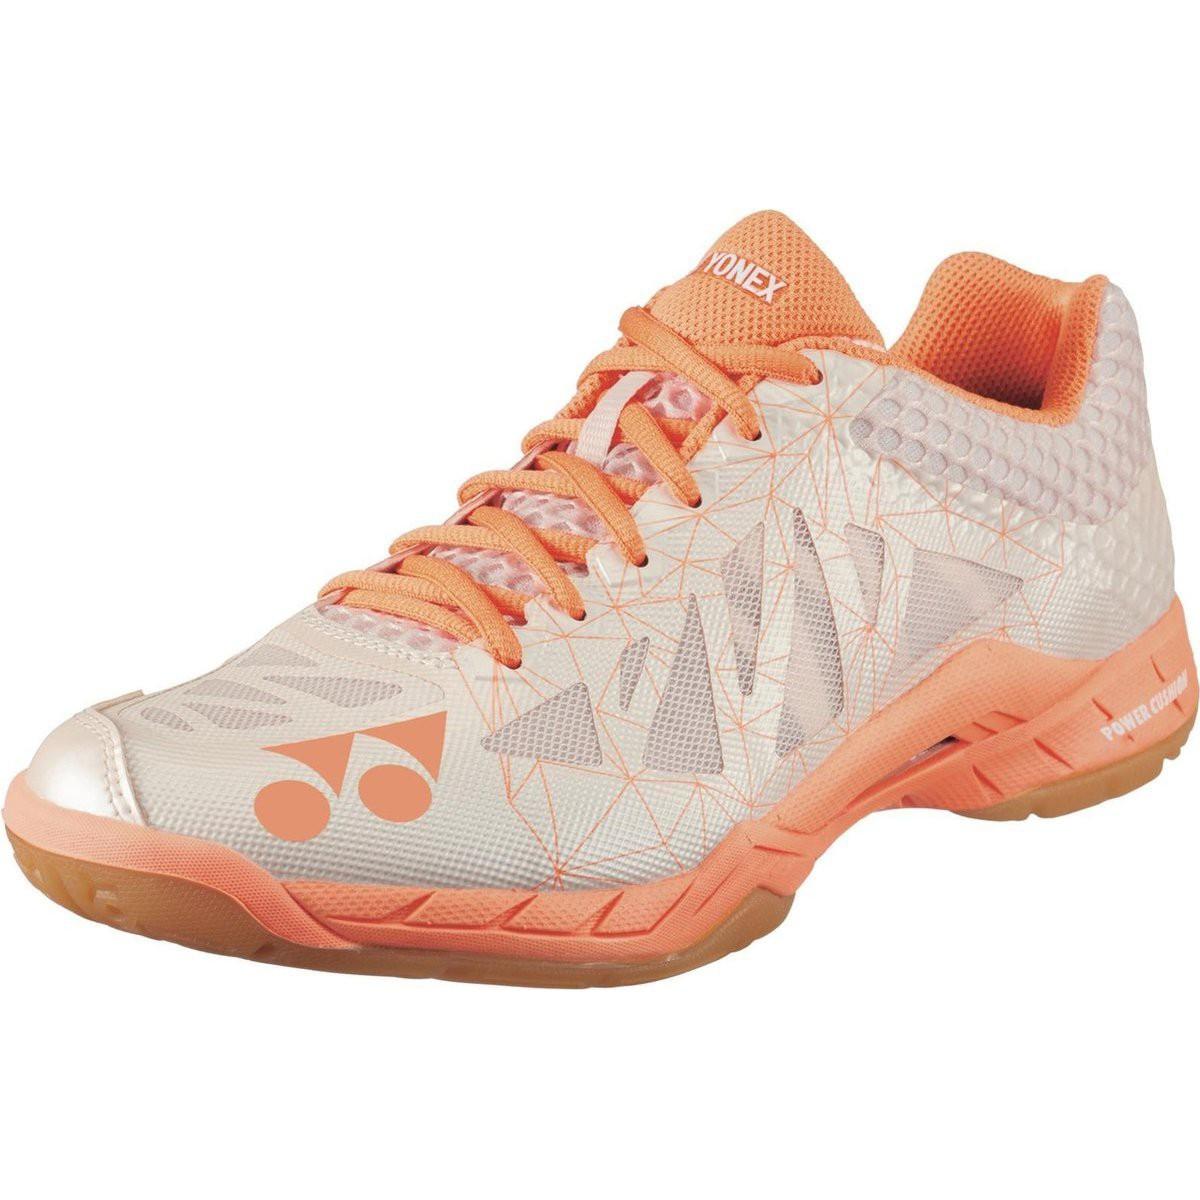 [:ru]Кросівки Yonex SHB-AERUS L2 Pearl Orange[:uk]Кросівки Yonex SHB-AERUS L2 Pearl Orange[:]